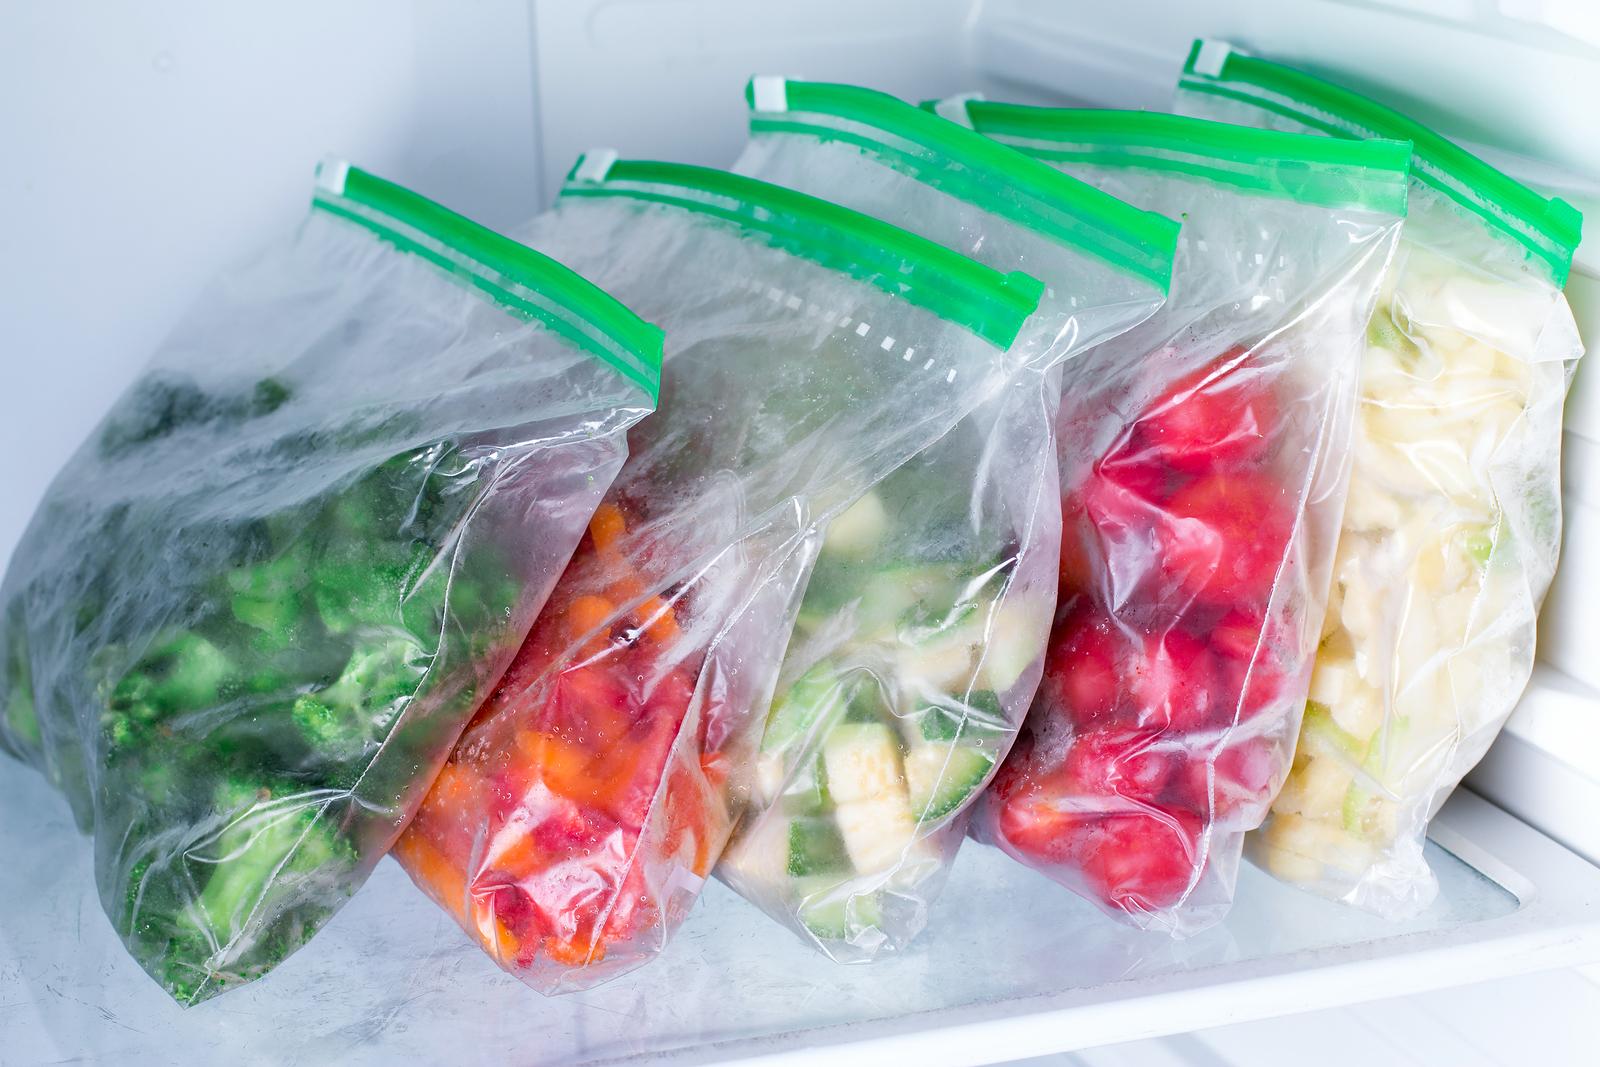 Lo que debes saber sobre los alimentos congelados